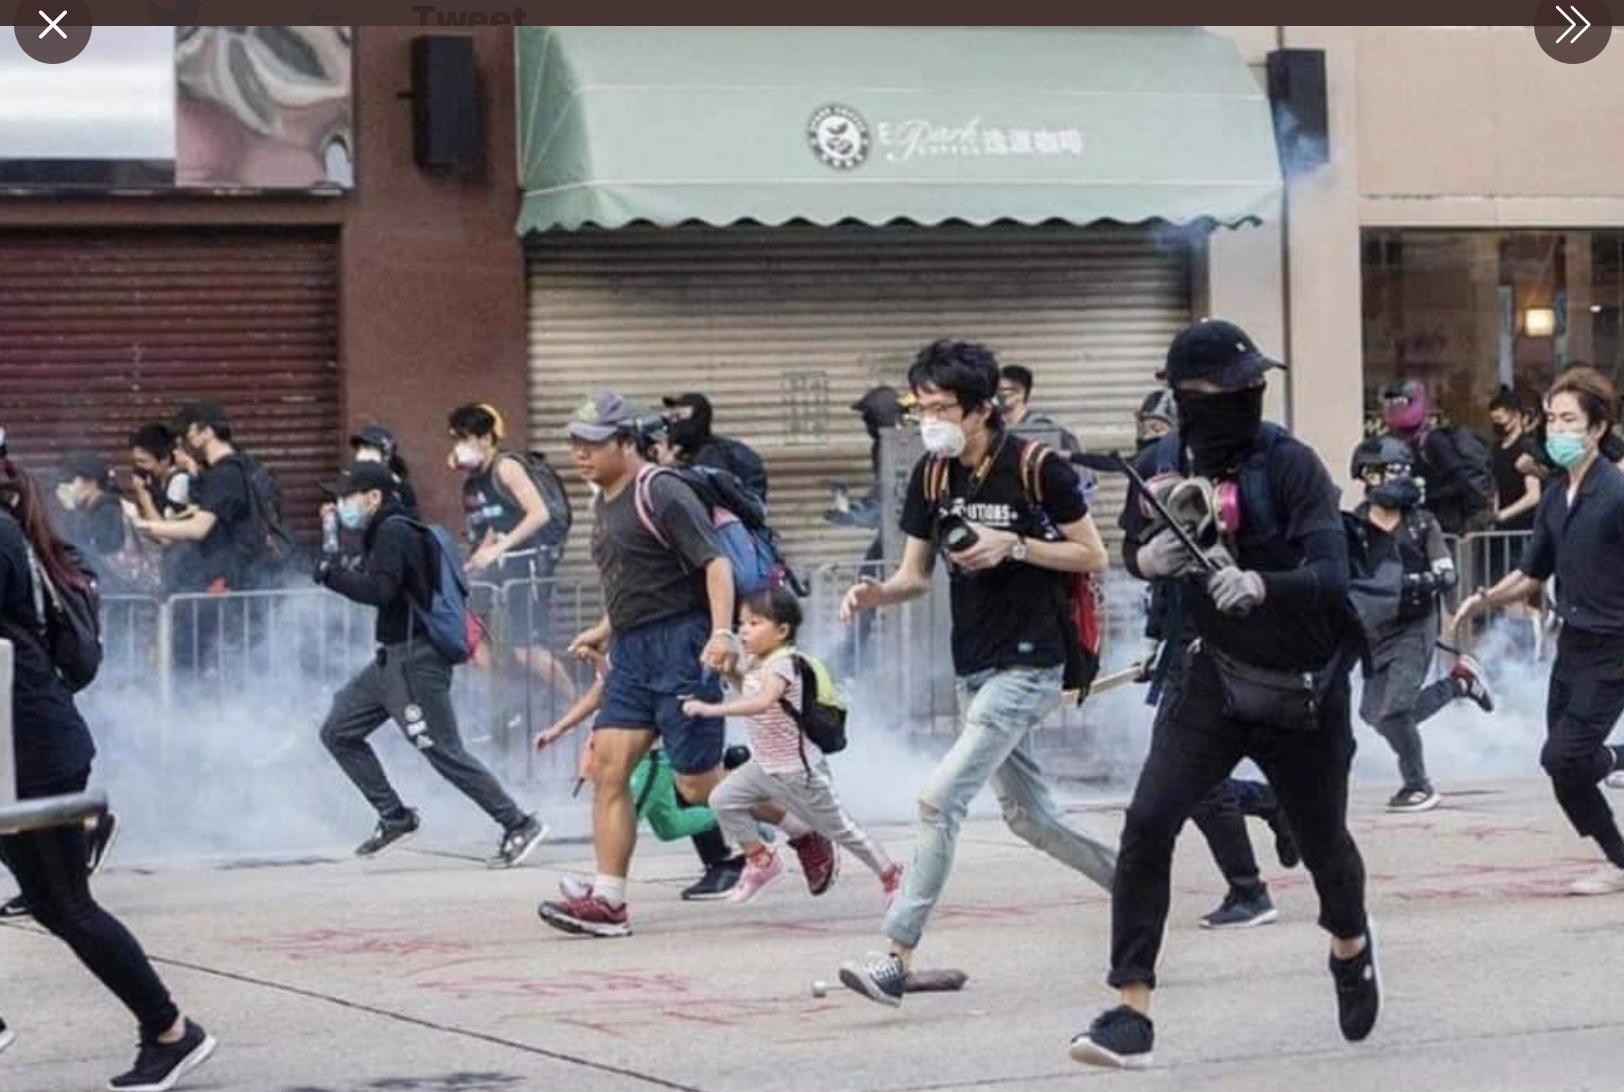 一名父親帶著兩個孩子在催淚彈煙霧中奔跑的圖片,在網絡上感動很多人。(網路截圖)